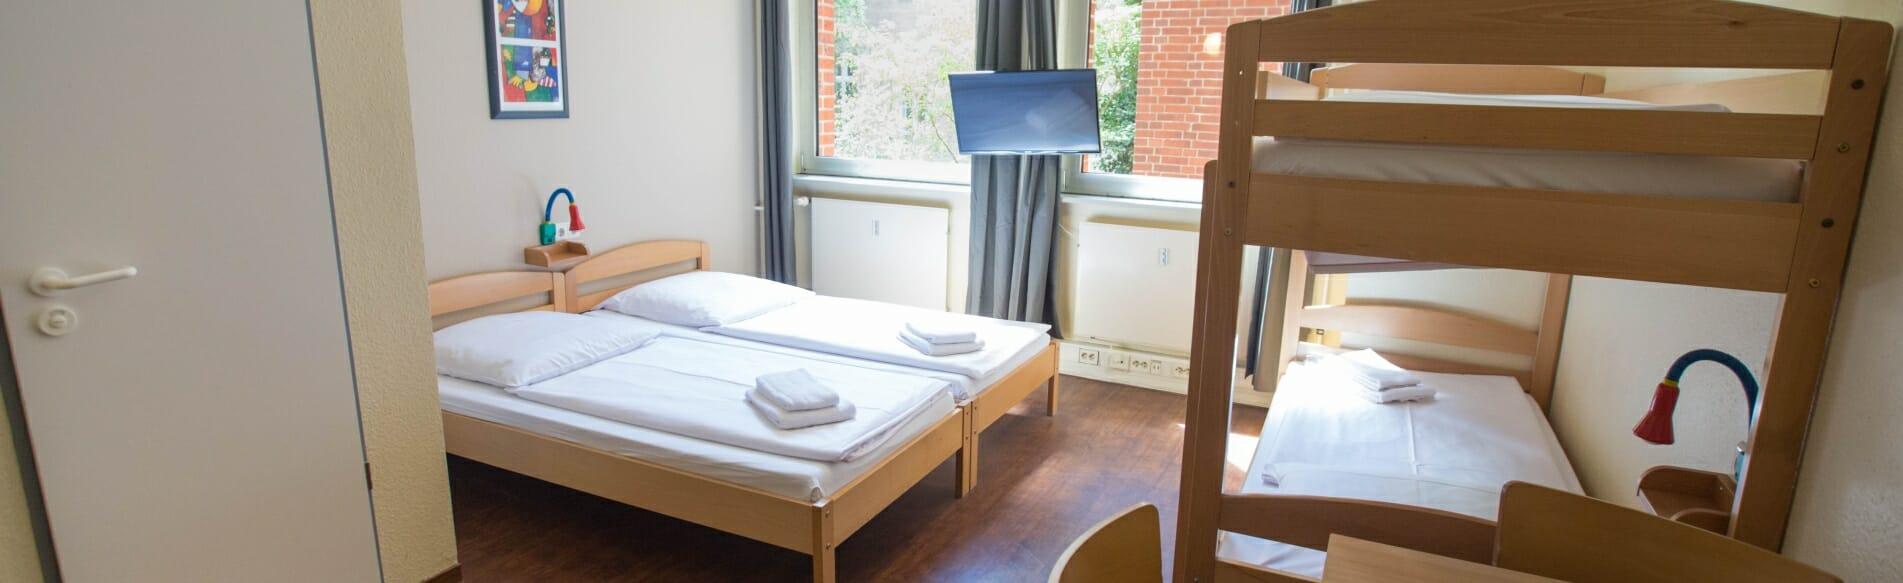 Mehrbettzimmer im acama Hostel